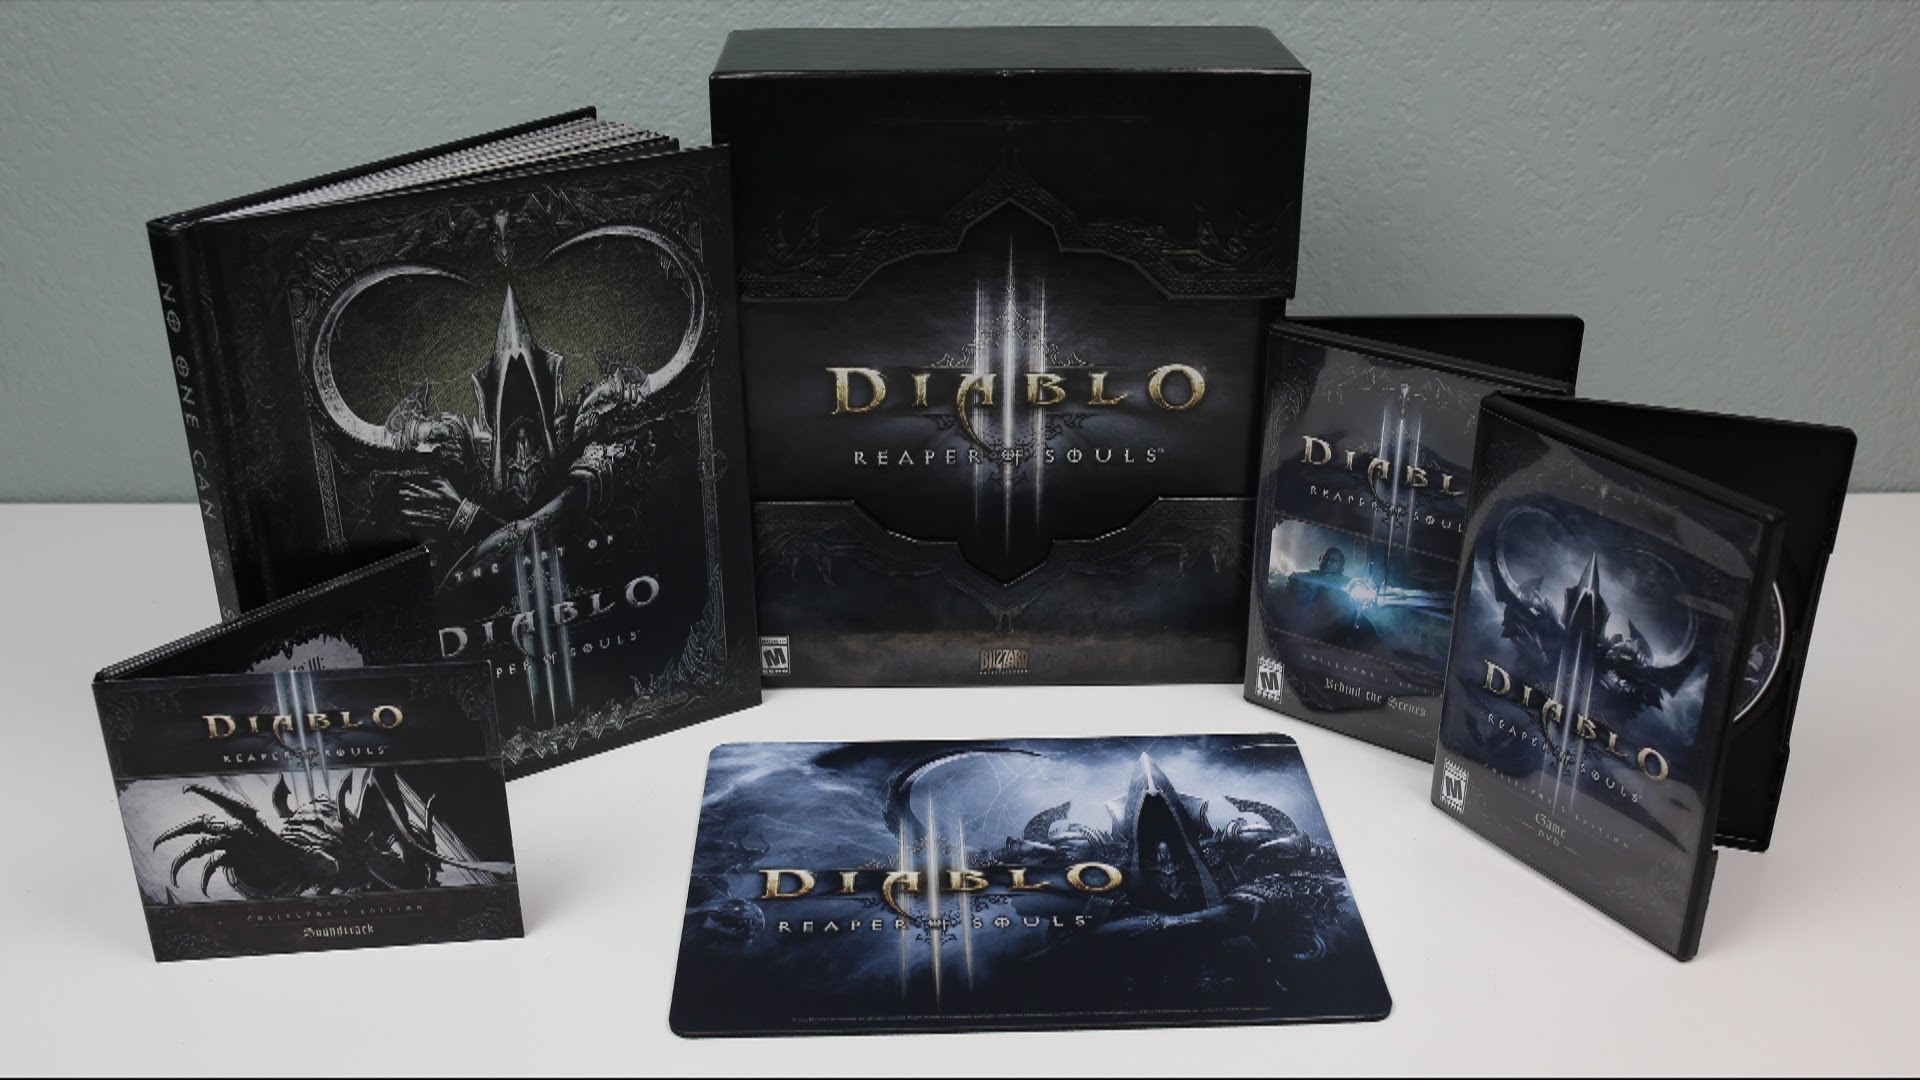 diablo 3 reaper of souls strategy guide